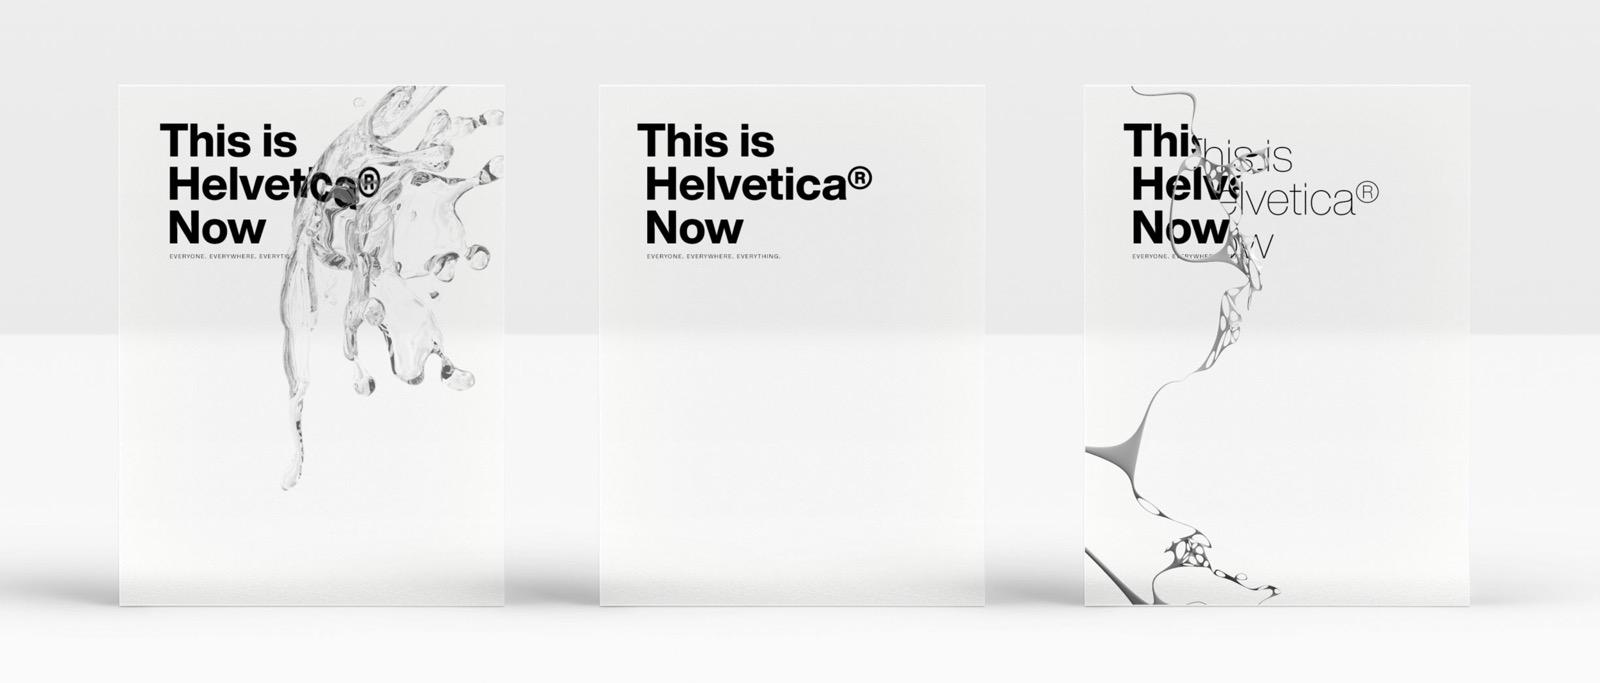 Perché la nuova Helvetica Now è una rivoluzione molto più grande di quanto sembra